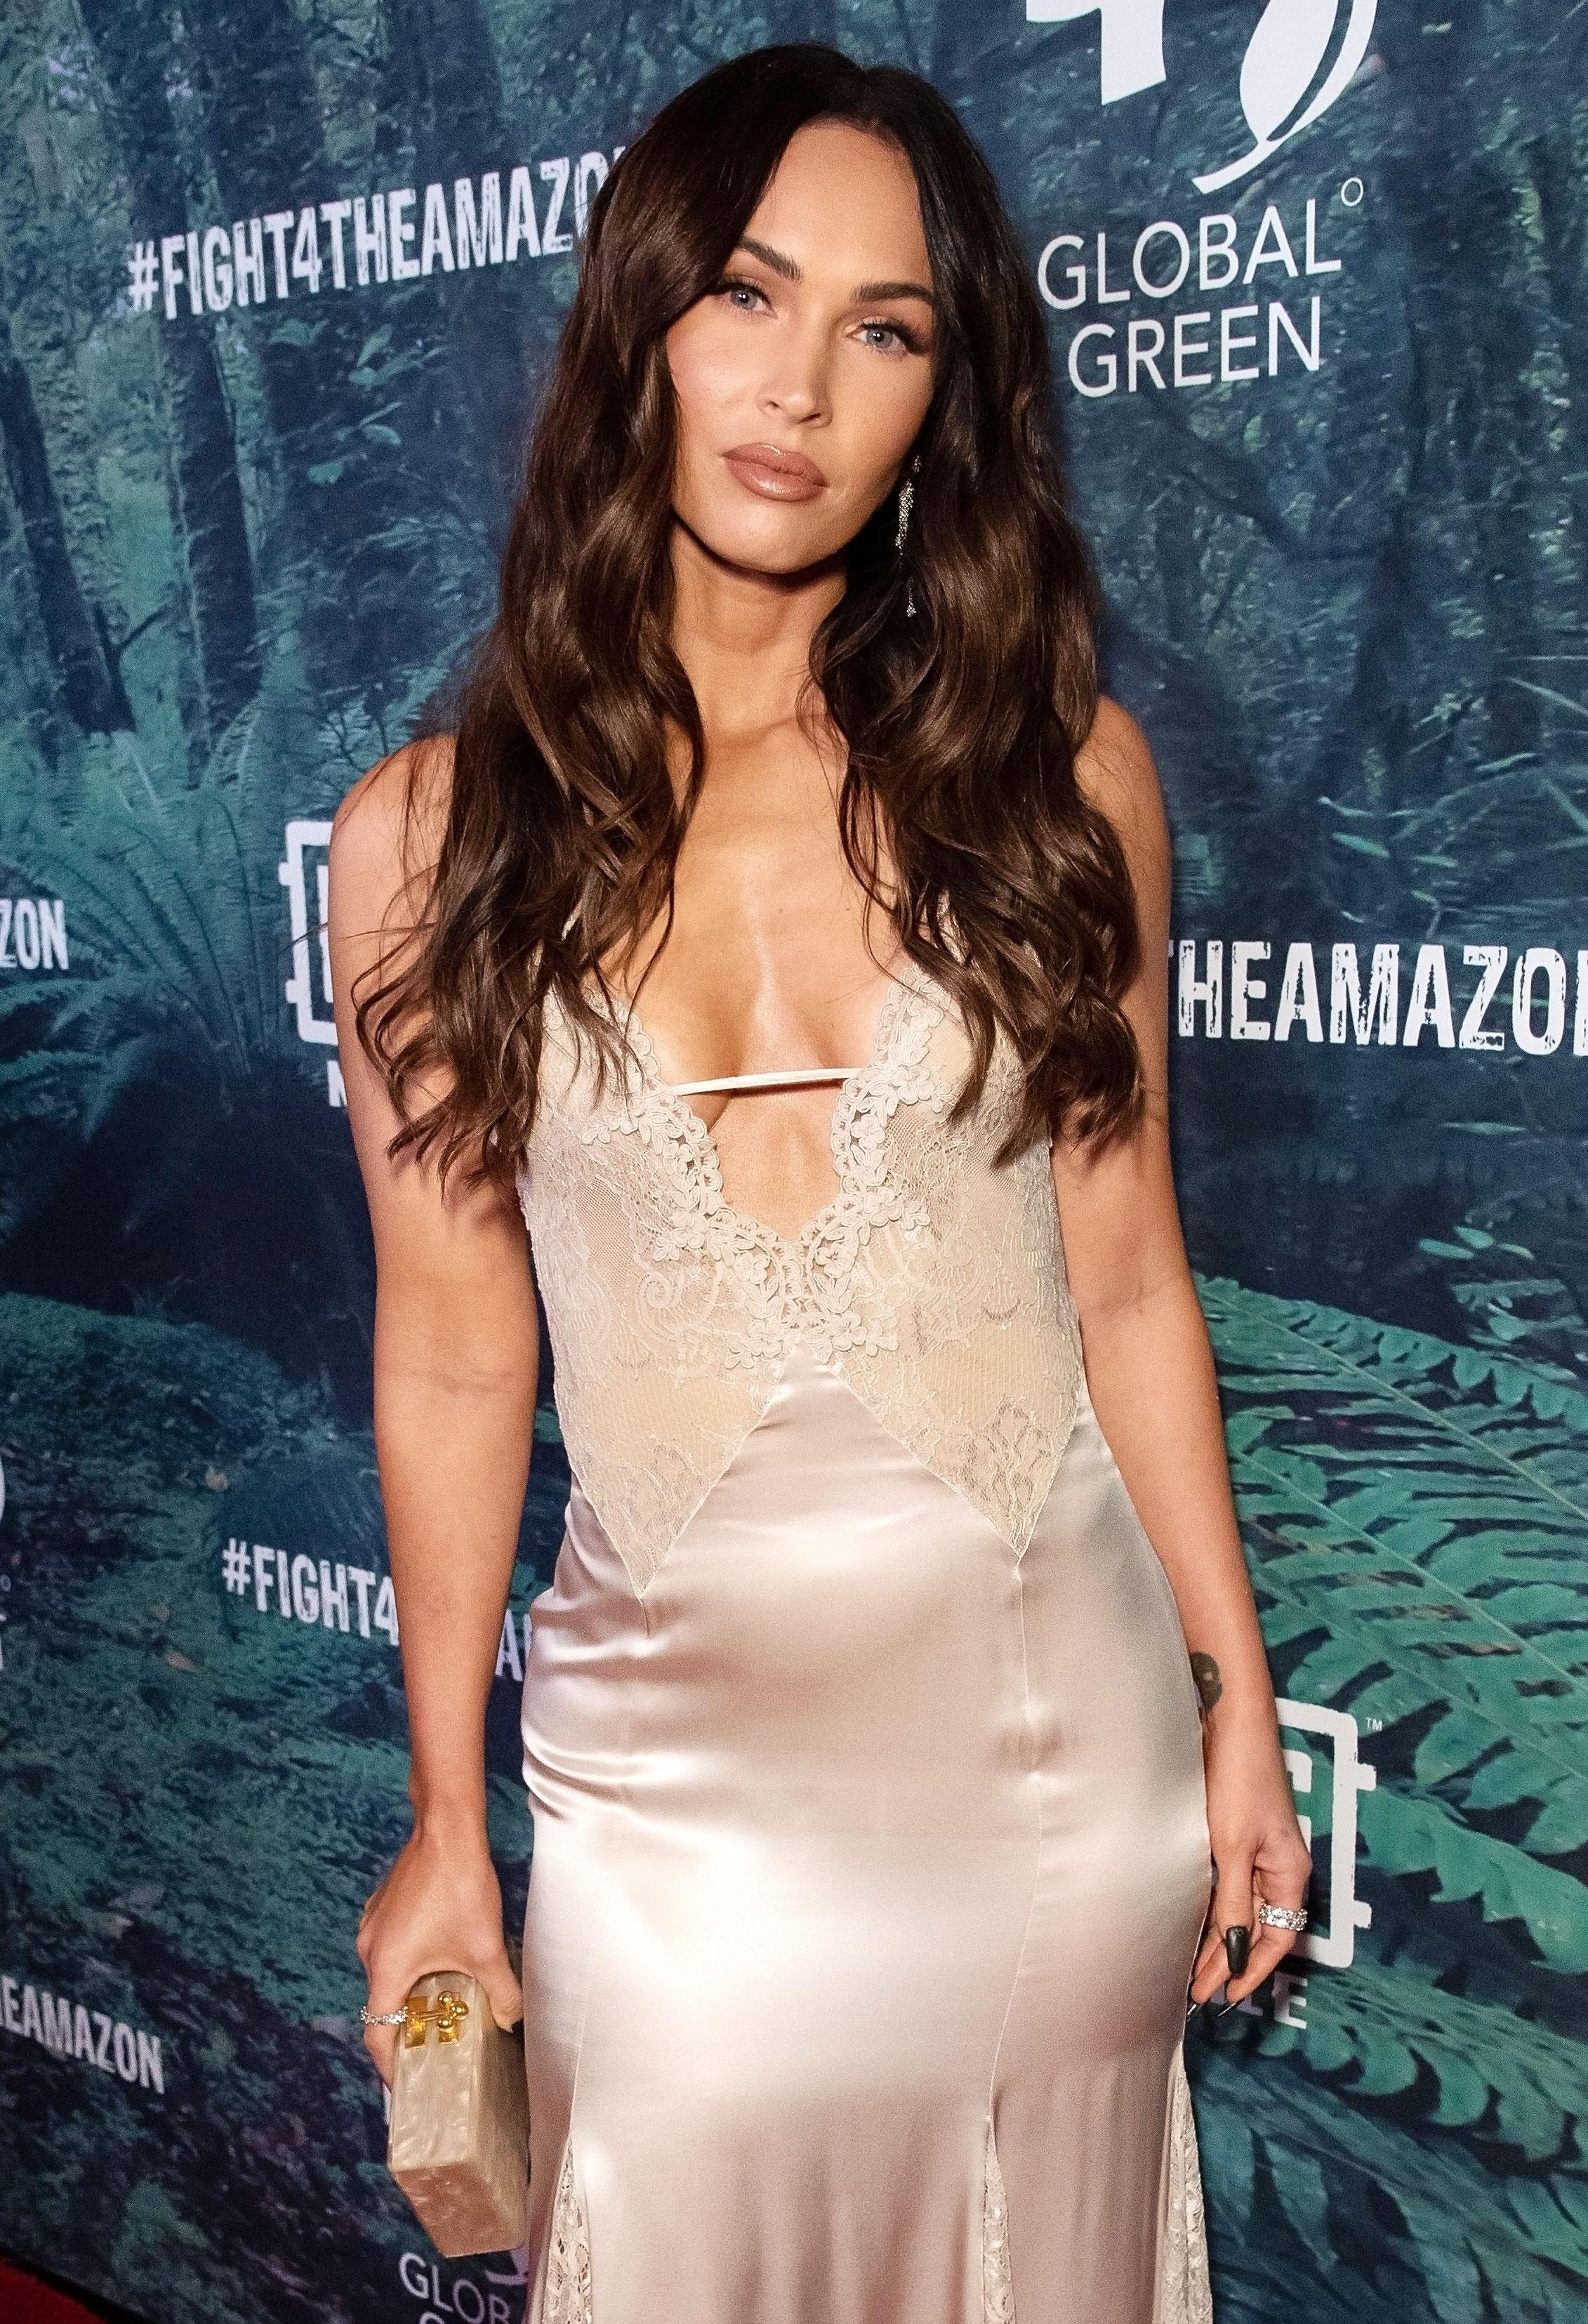 Megan Fox / Megan Fox Hits Out At Fake Post Claiming She